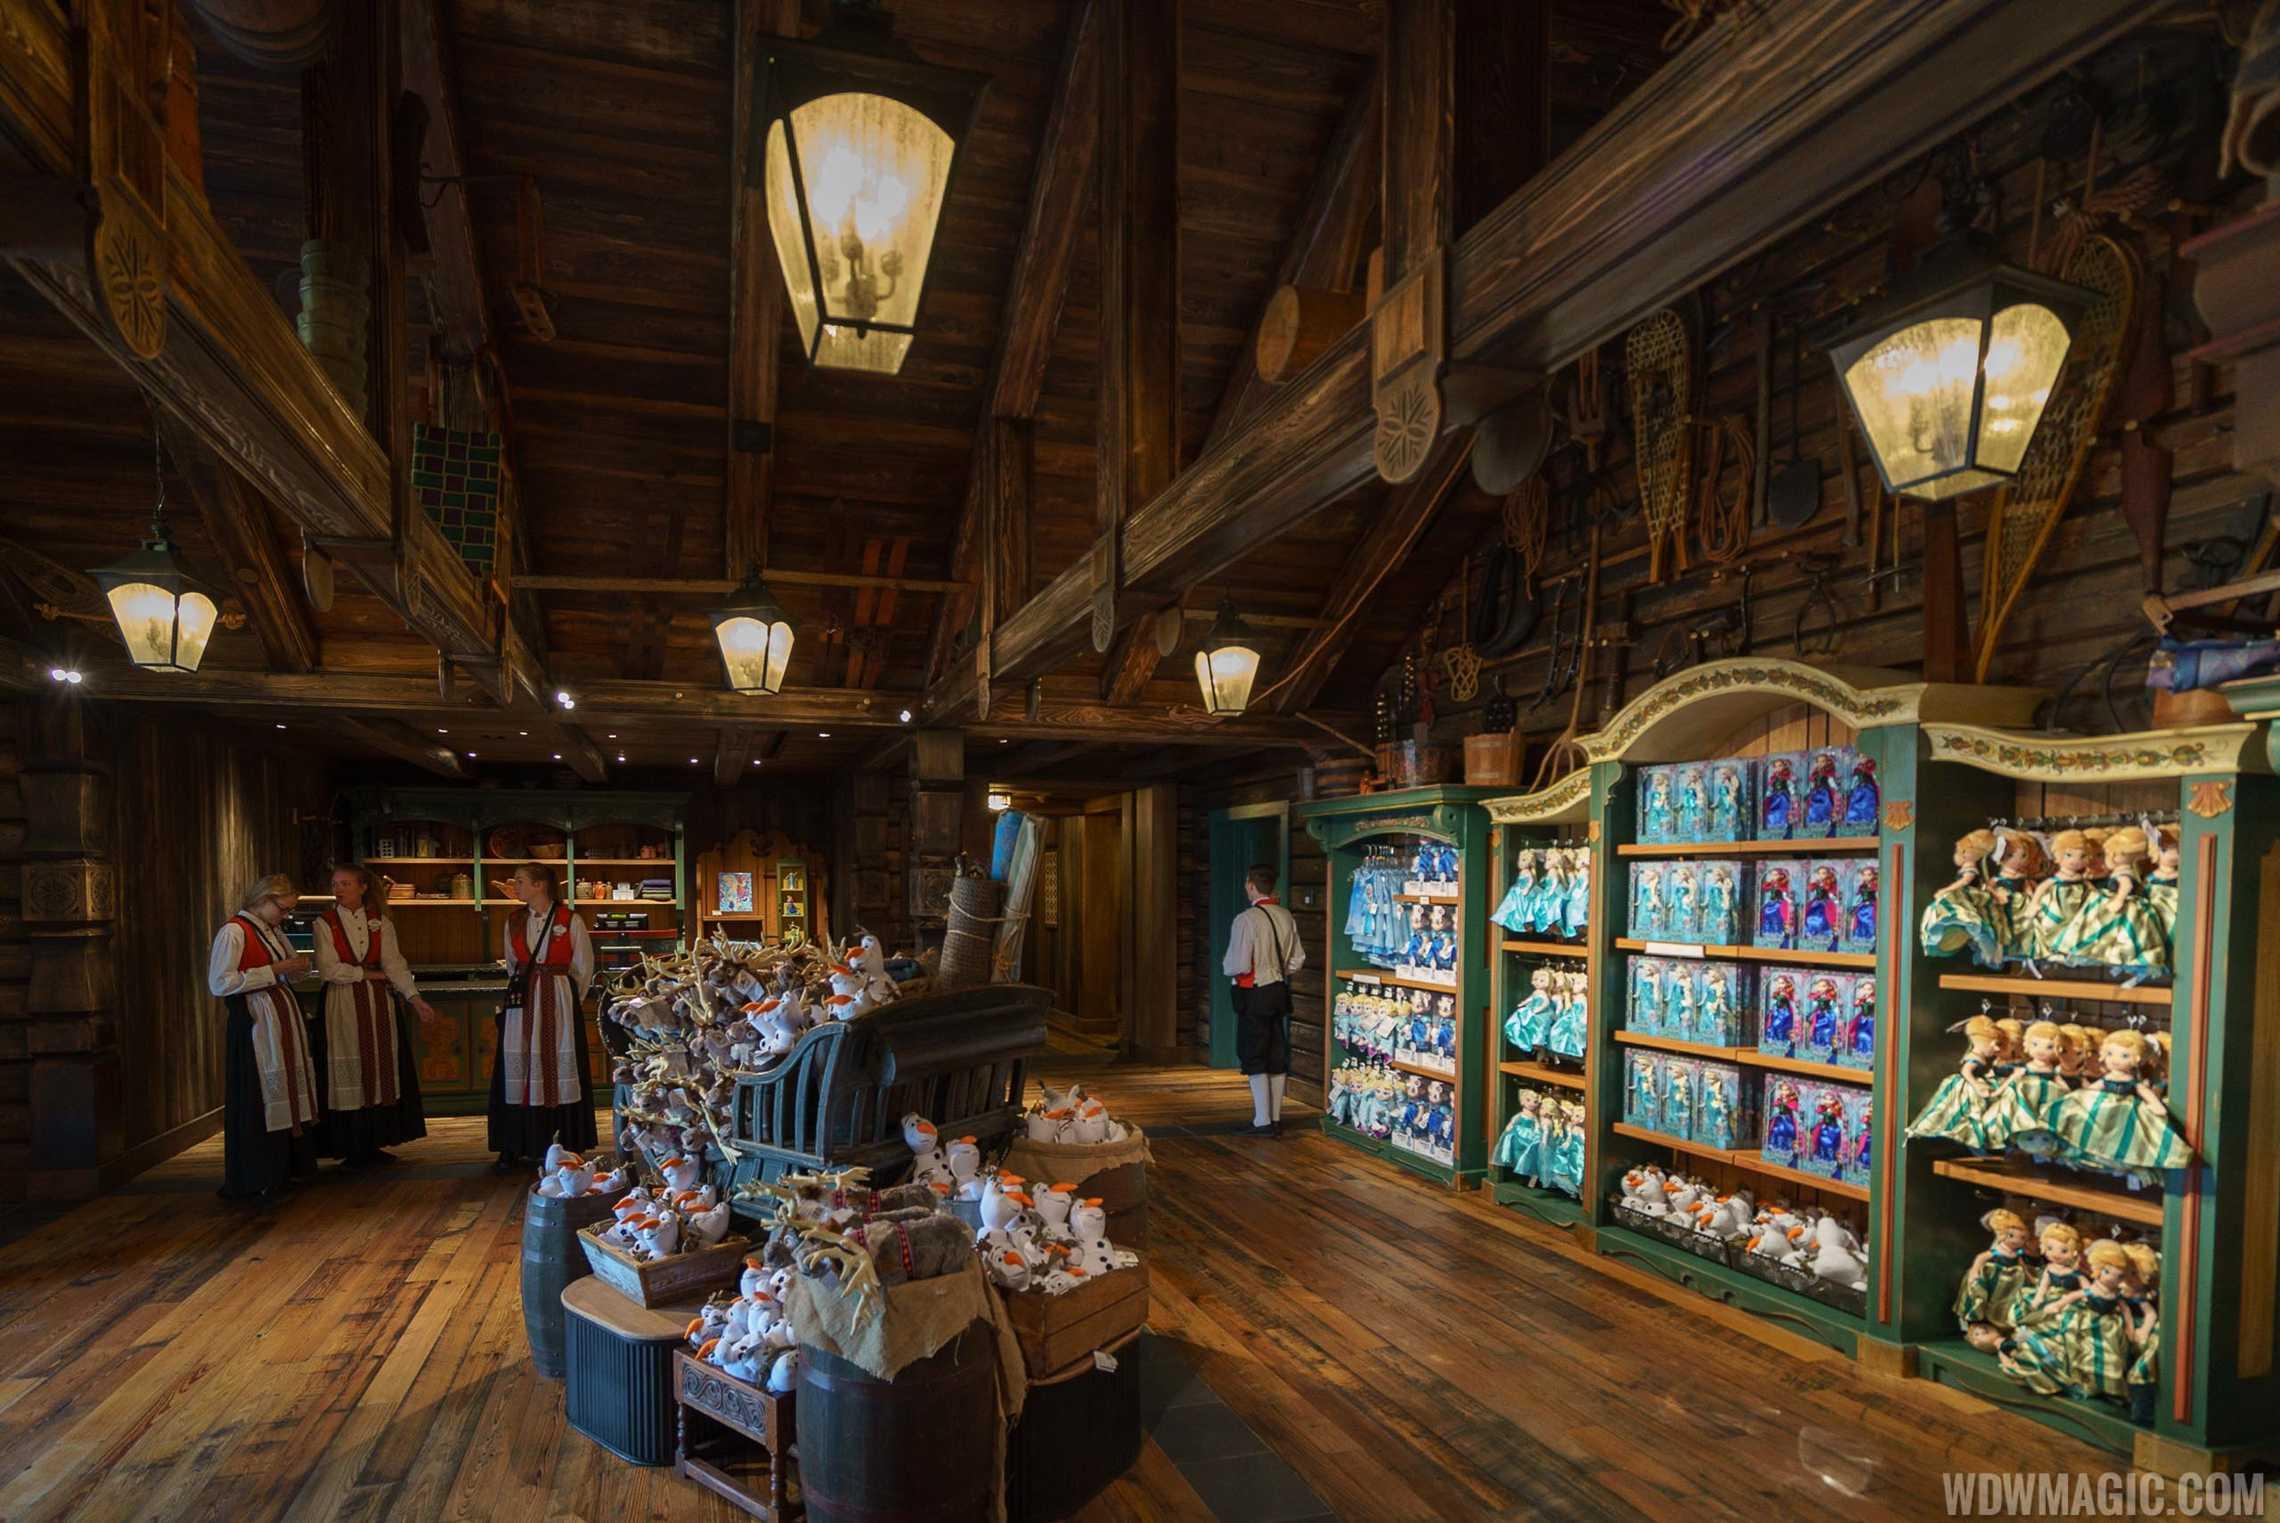 The Wandering Reindeer interior